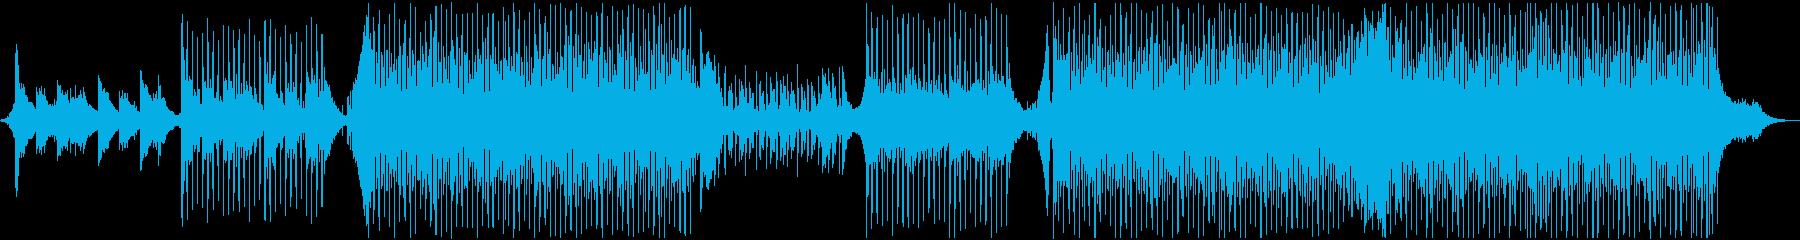 爽やかな夏の森【アコギ/シンセ】の再生済みの波形